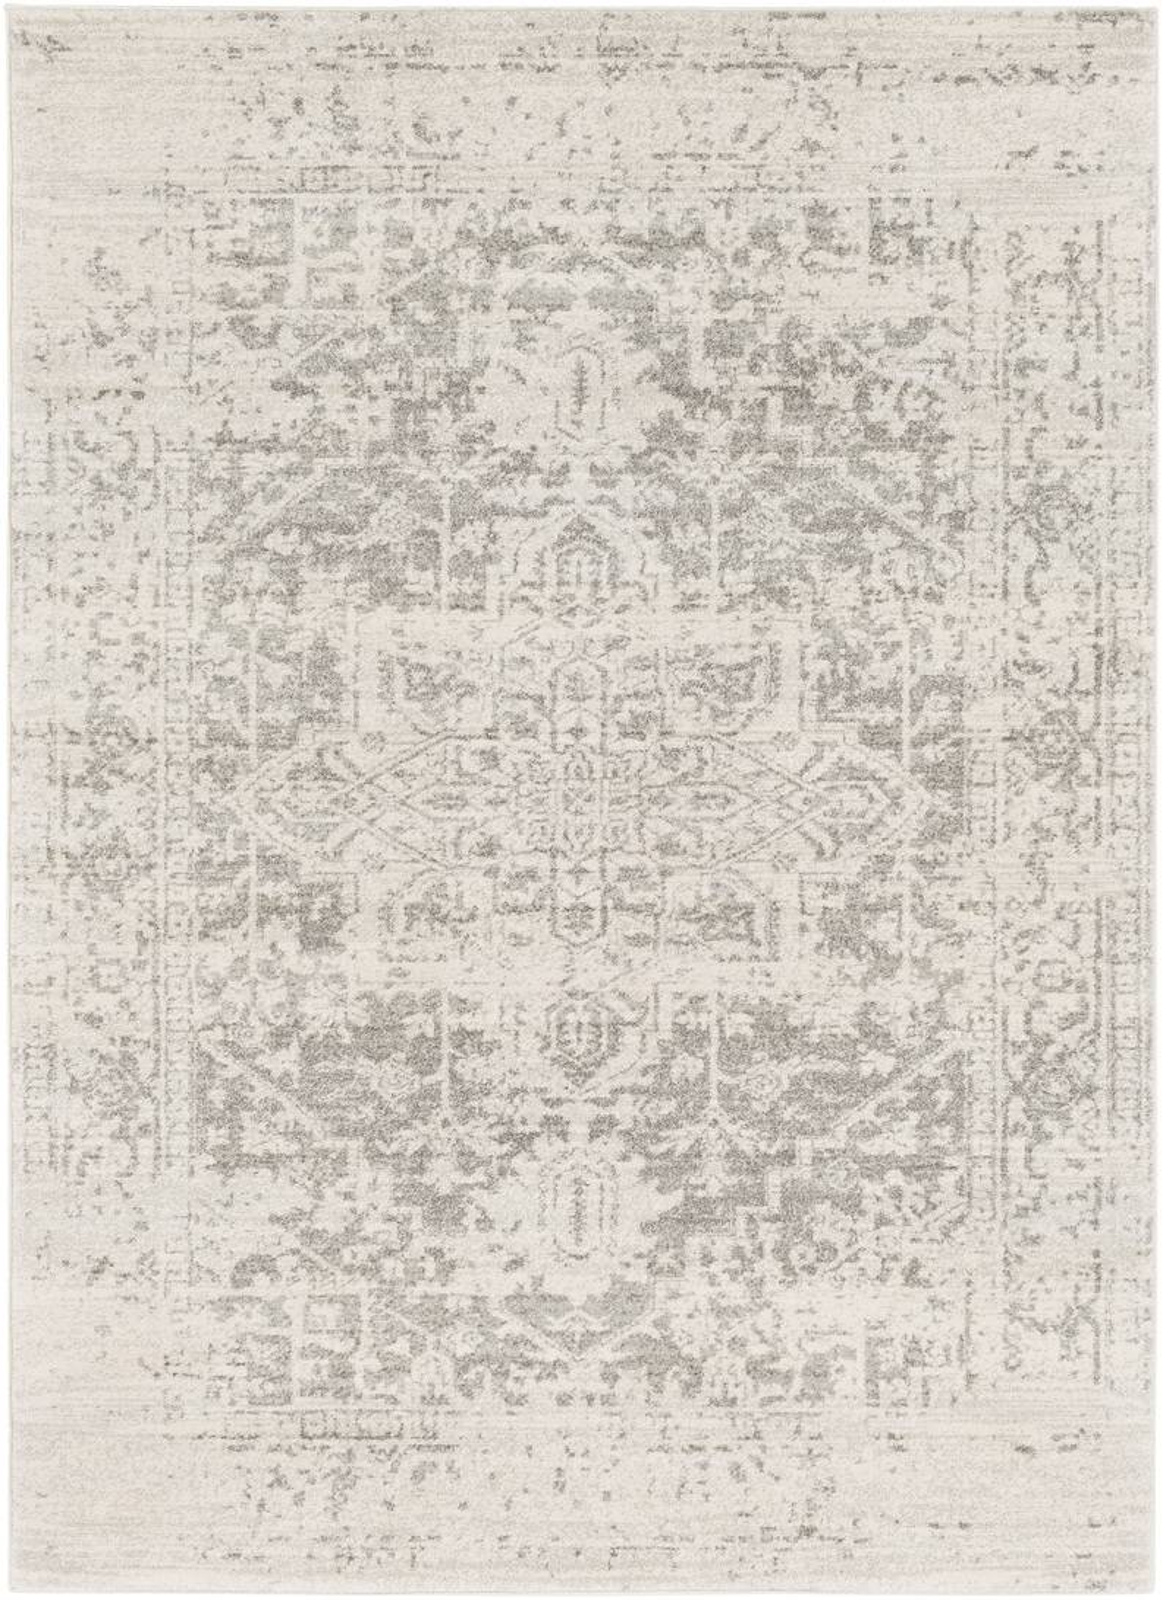 Surya Tapis de salon classique beige et gris 120x170